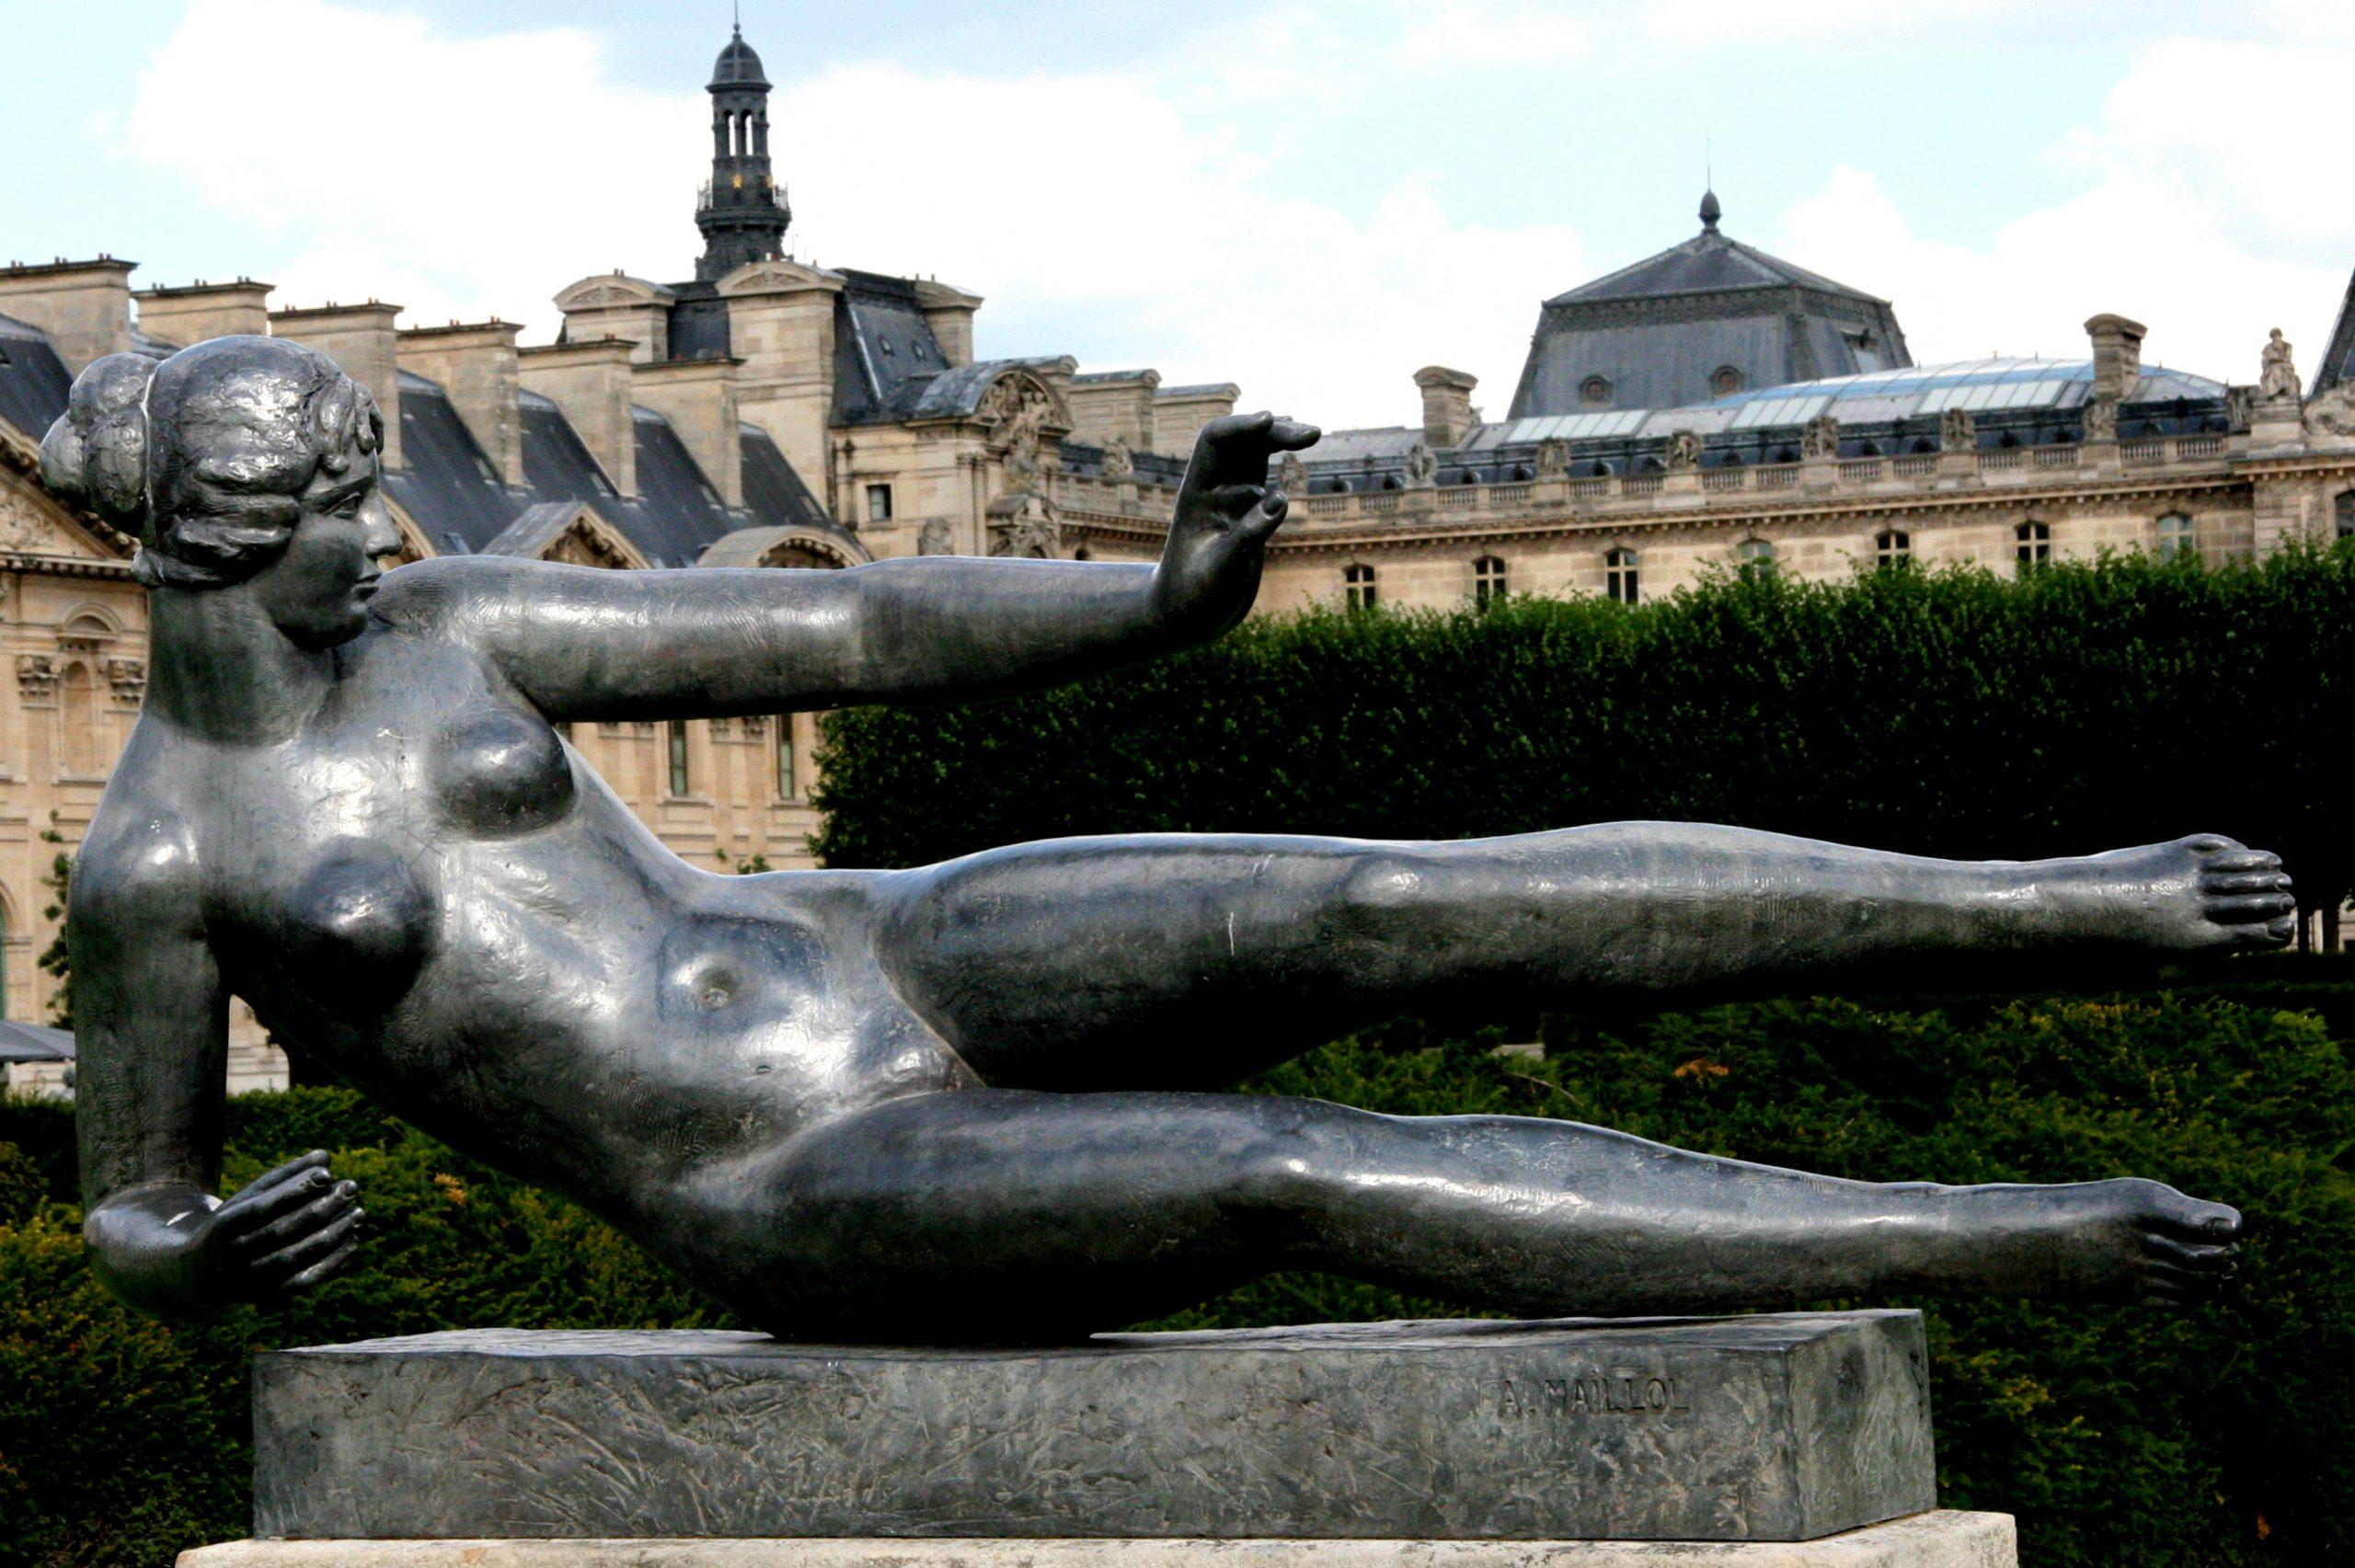 2014, Aristide Maillol, Air, Paris, France